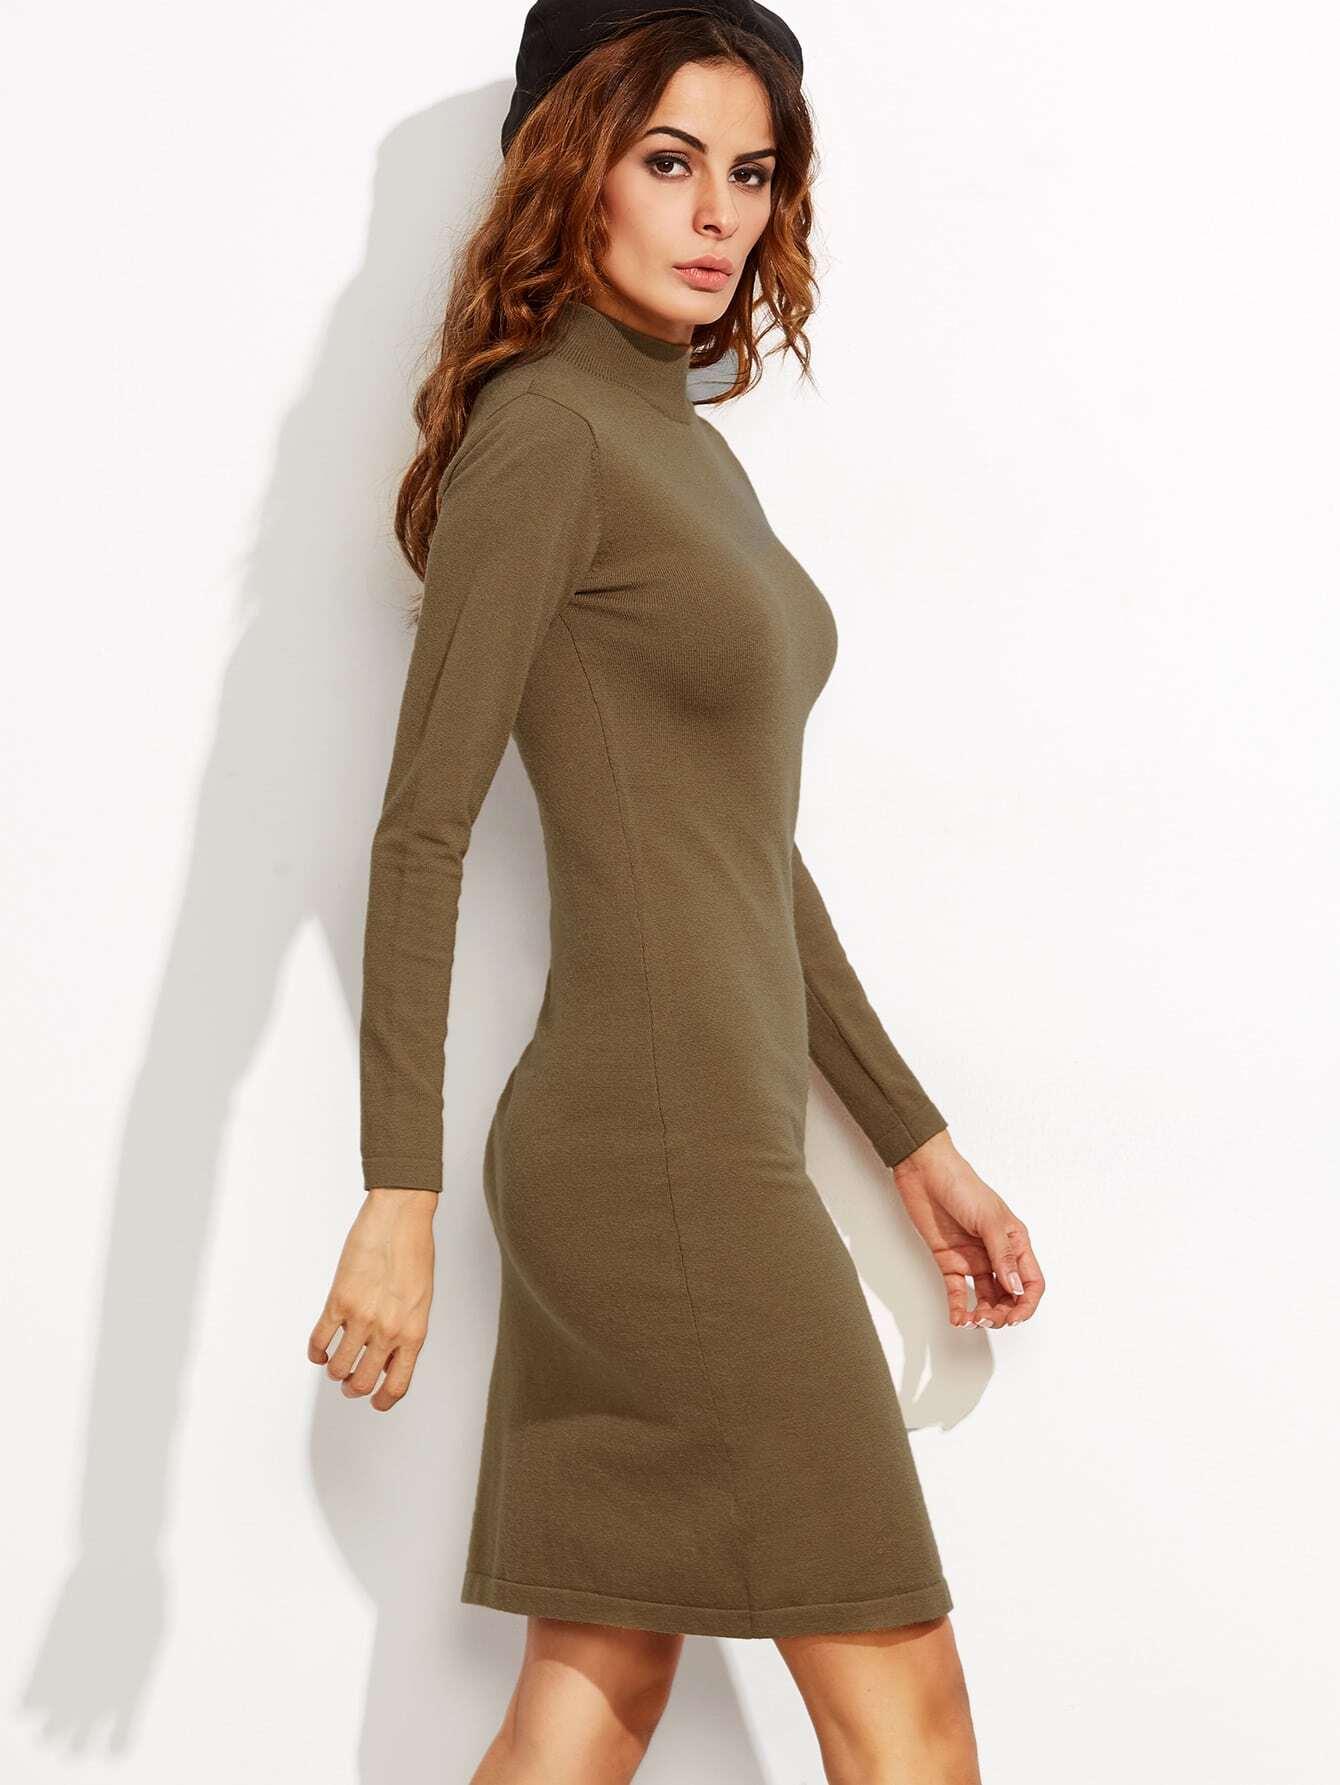 dress161026453_2